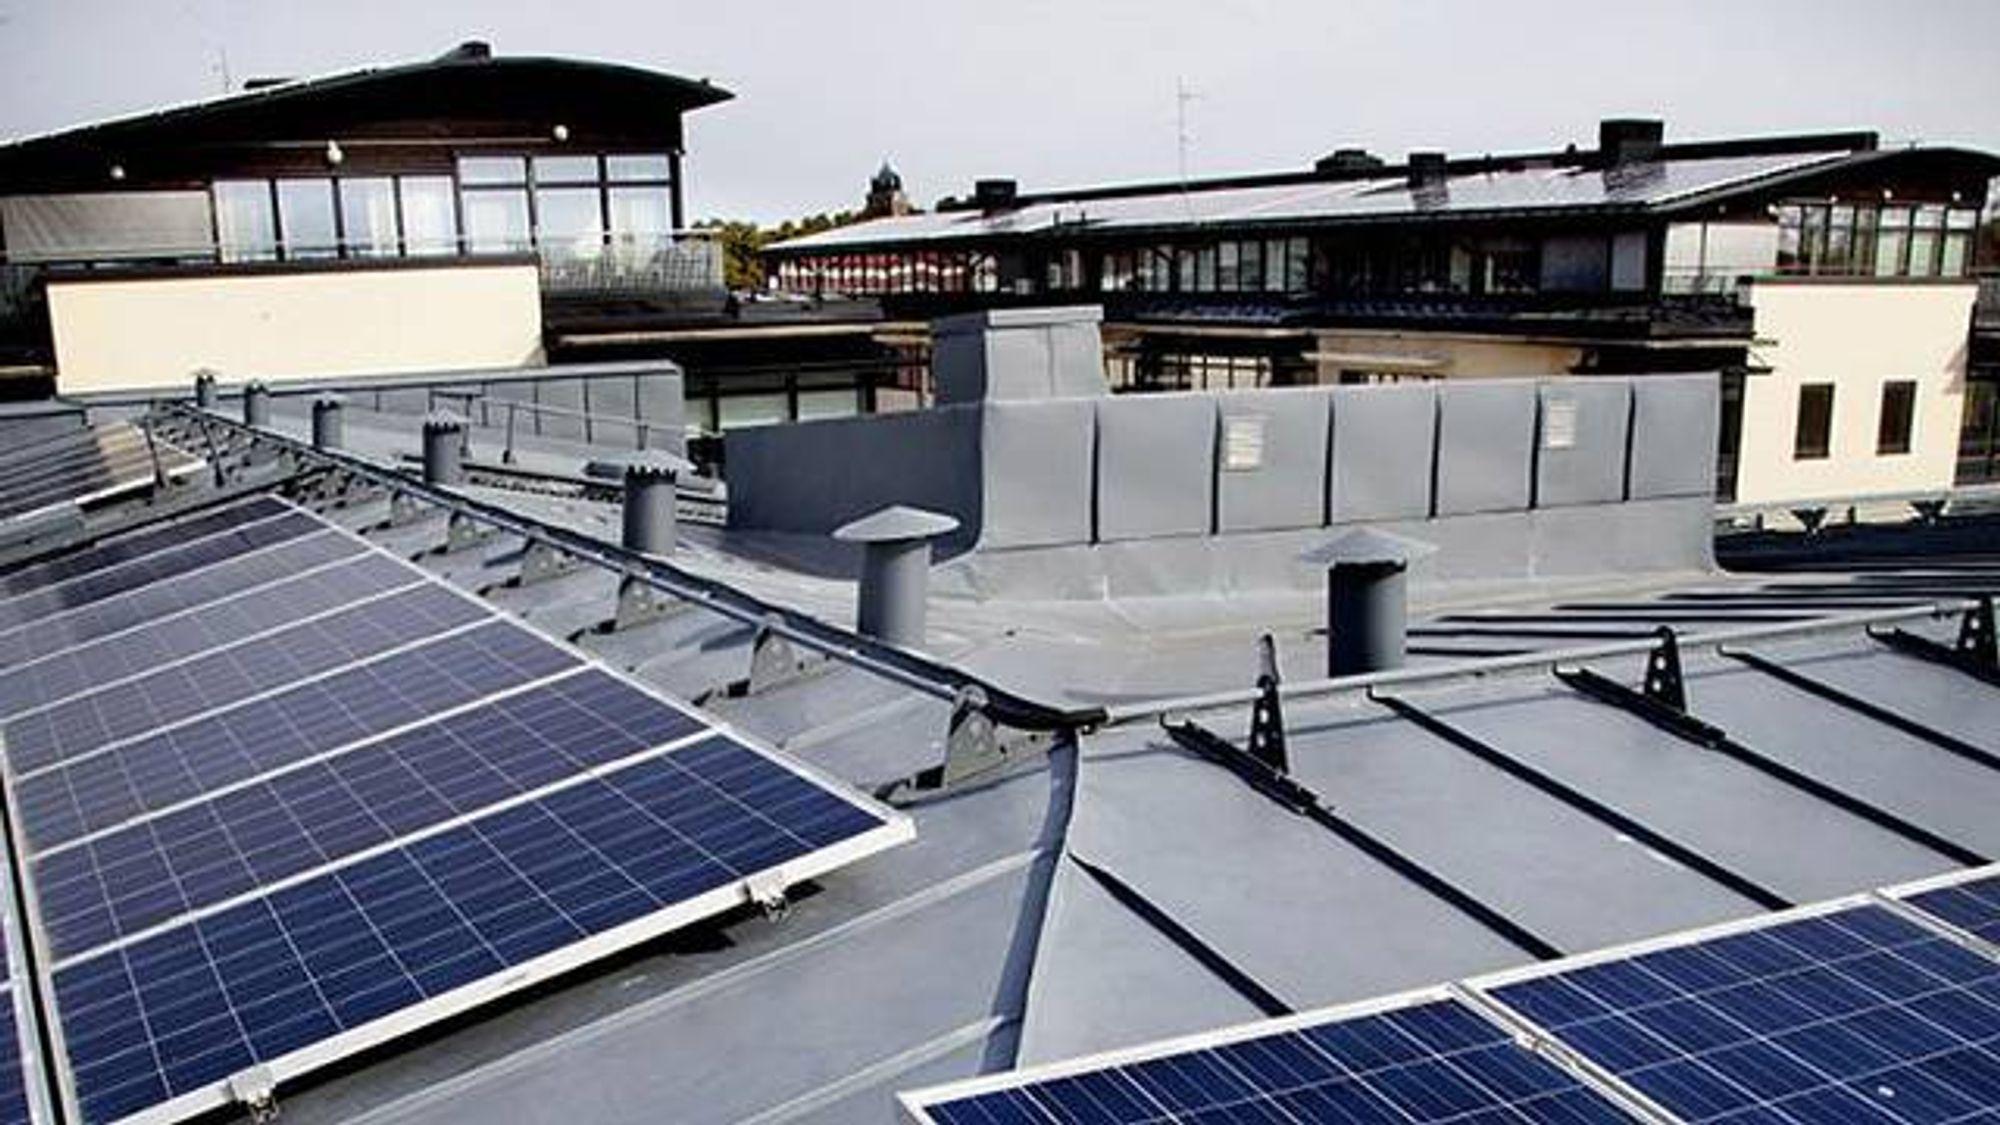 Solceller på taket av bygningene kobles mot et likestrømsnett mellom flere boliger, slik at overskuddsenergien kan utnyttes bedre.